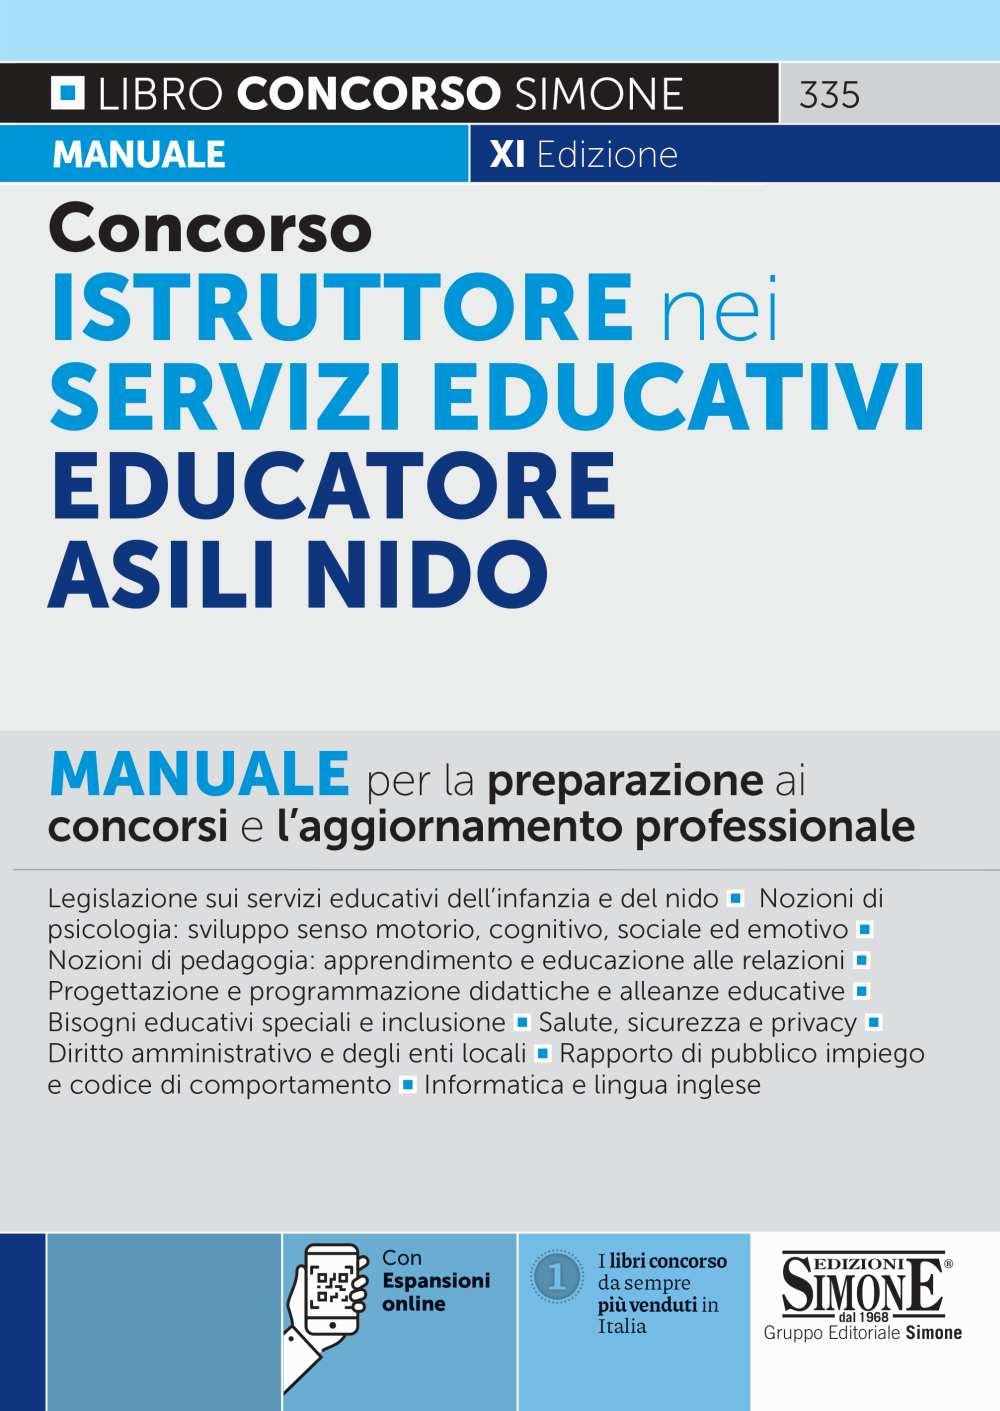 Concorso Istruttore nei servizi educativi